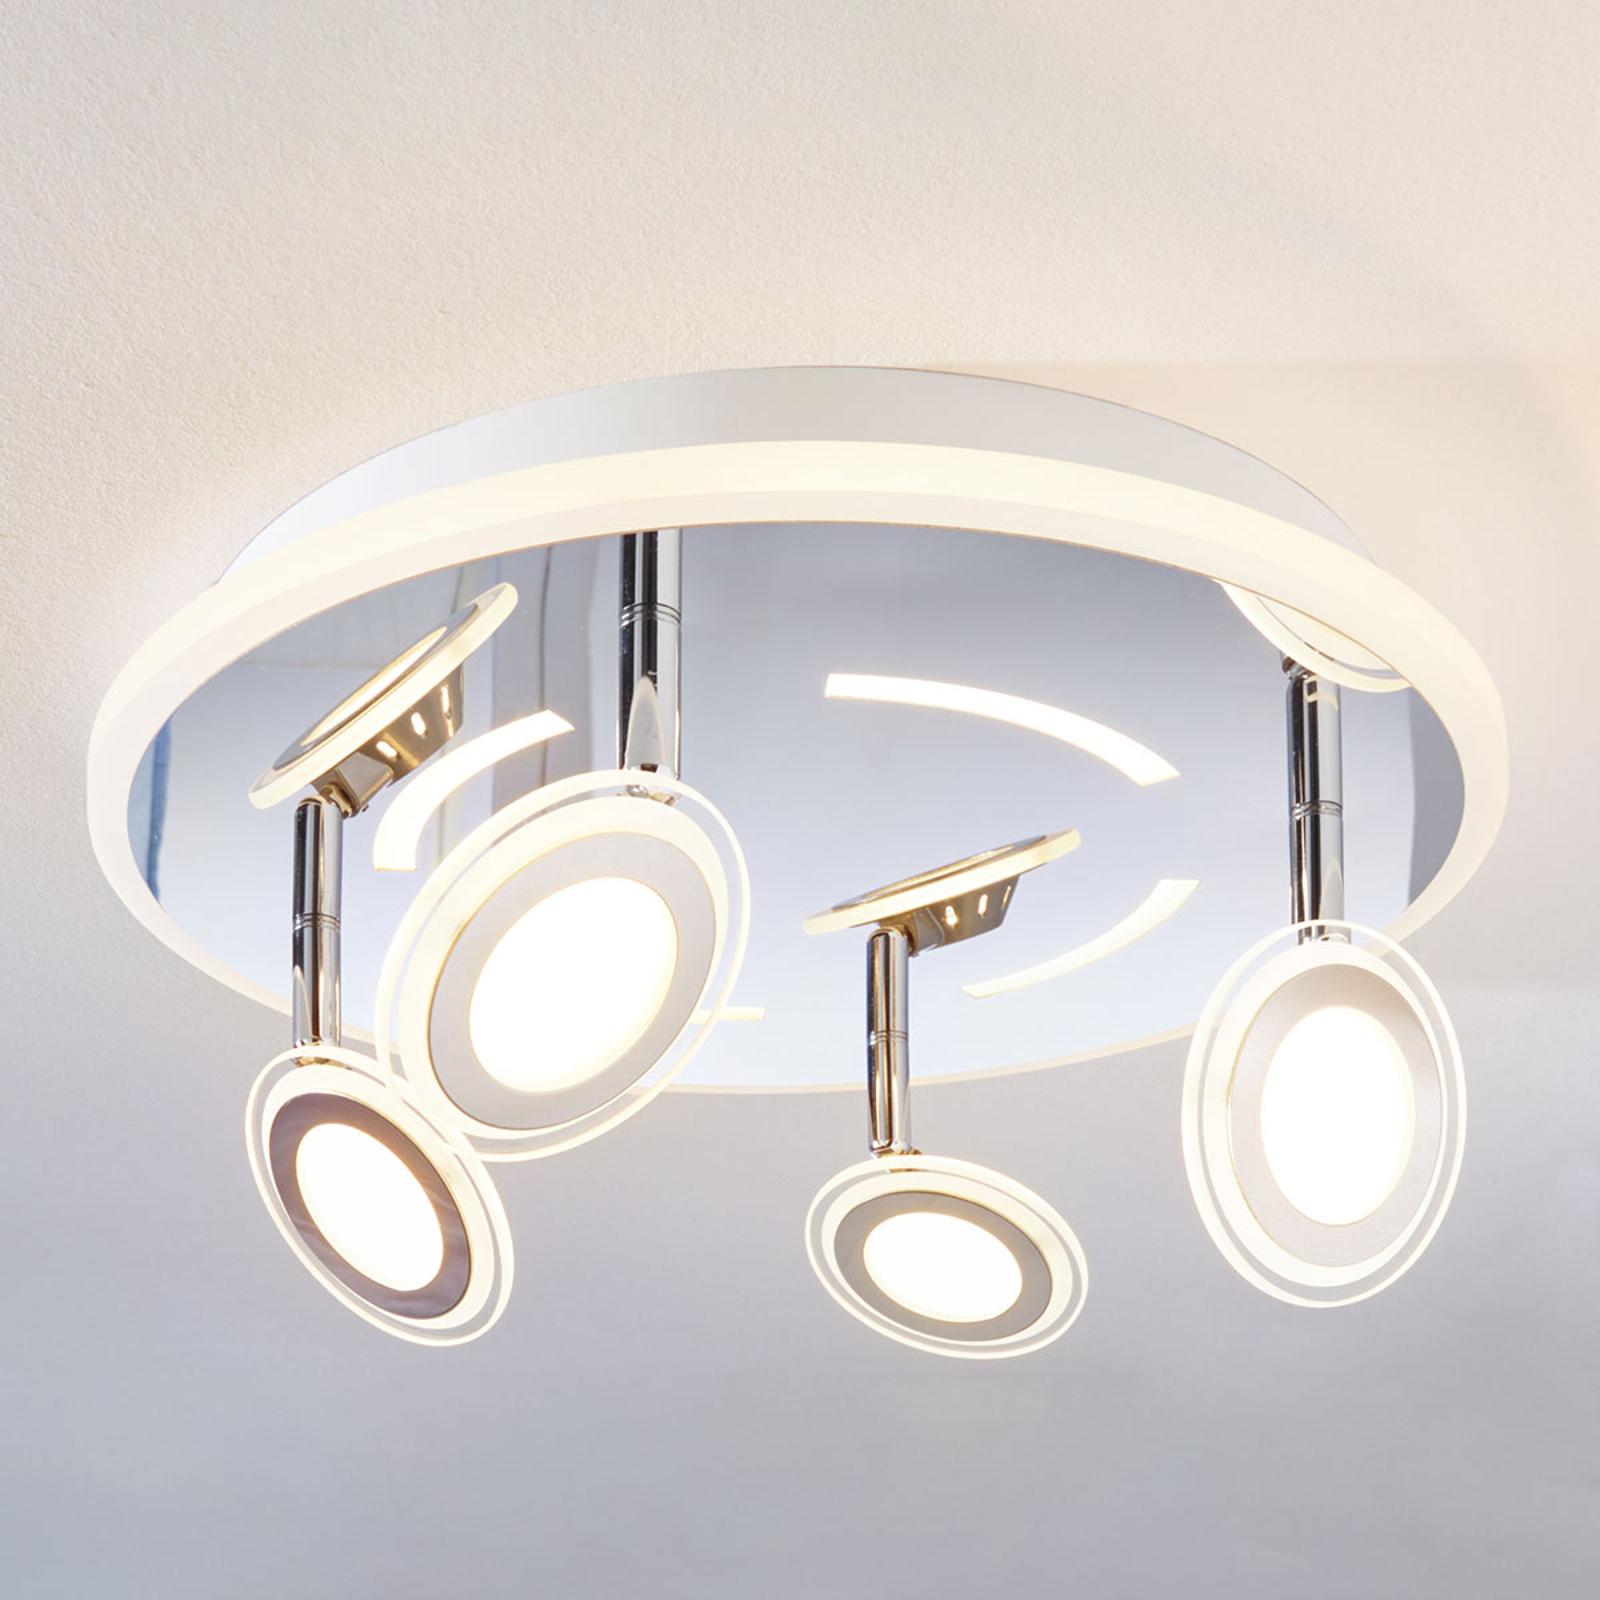 Lampa sufitowa LED Enissa, okrągła, 4-punktowa